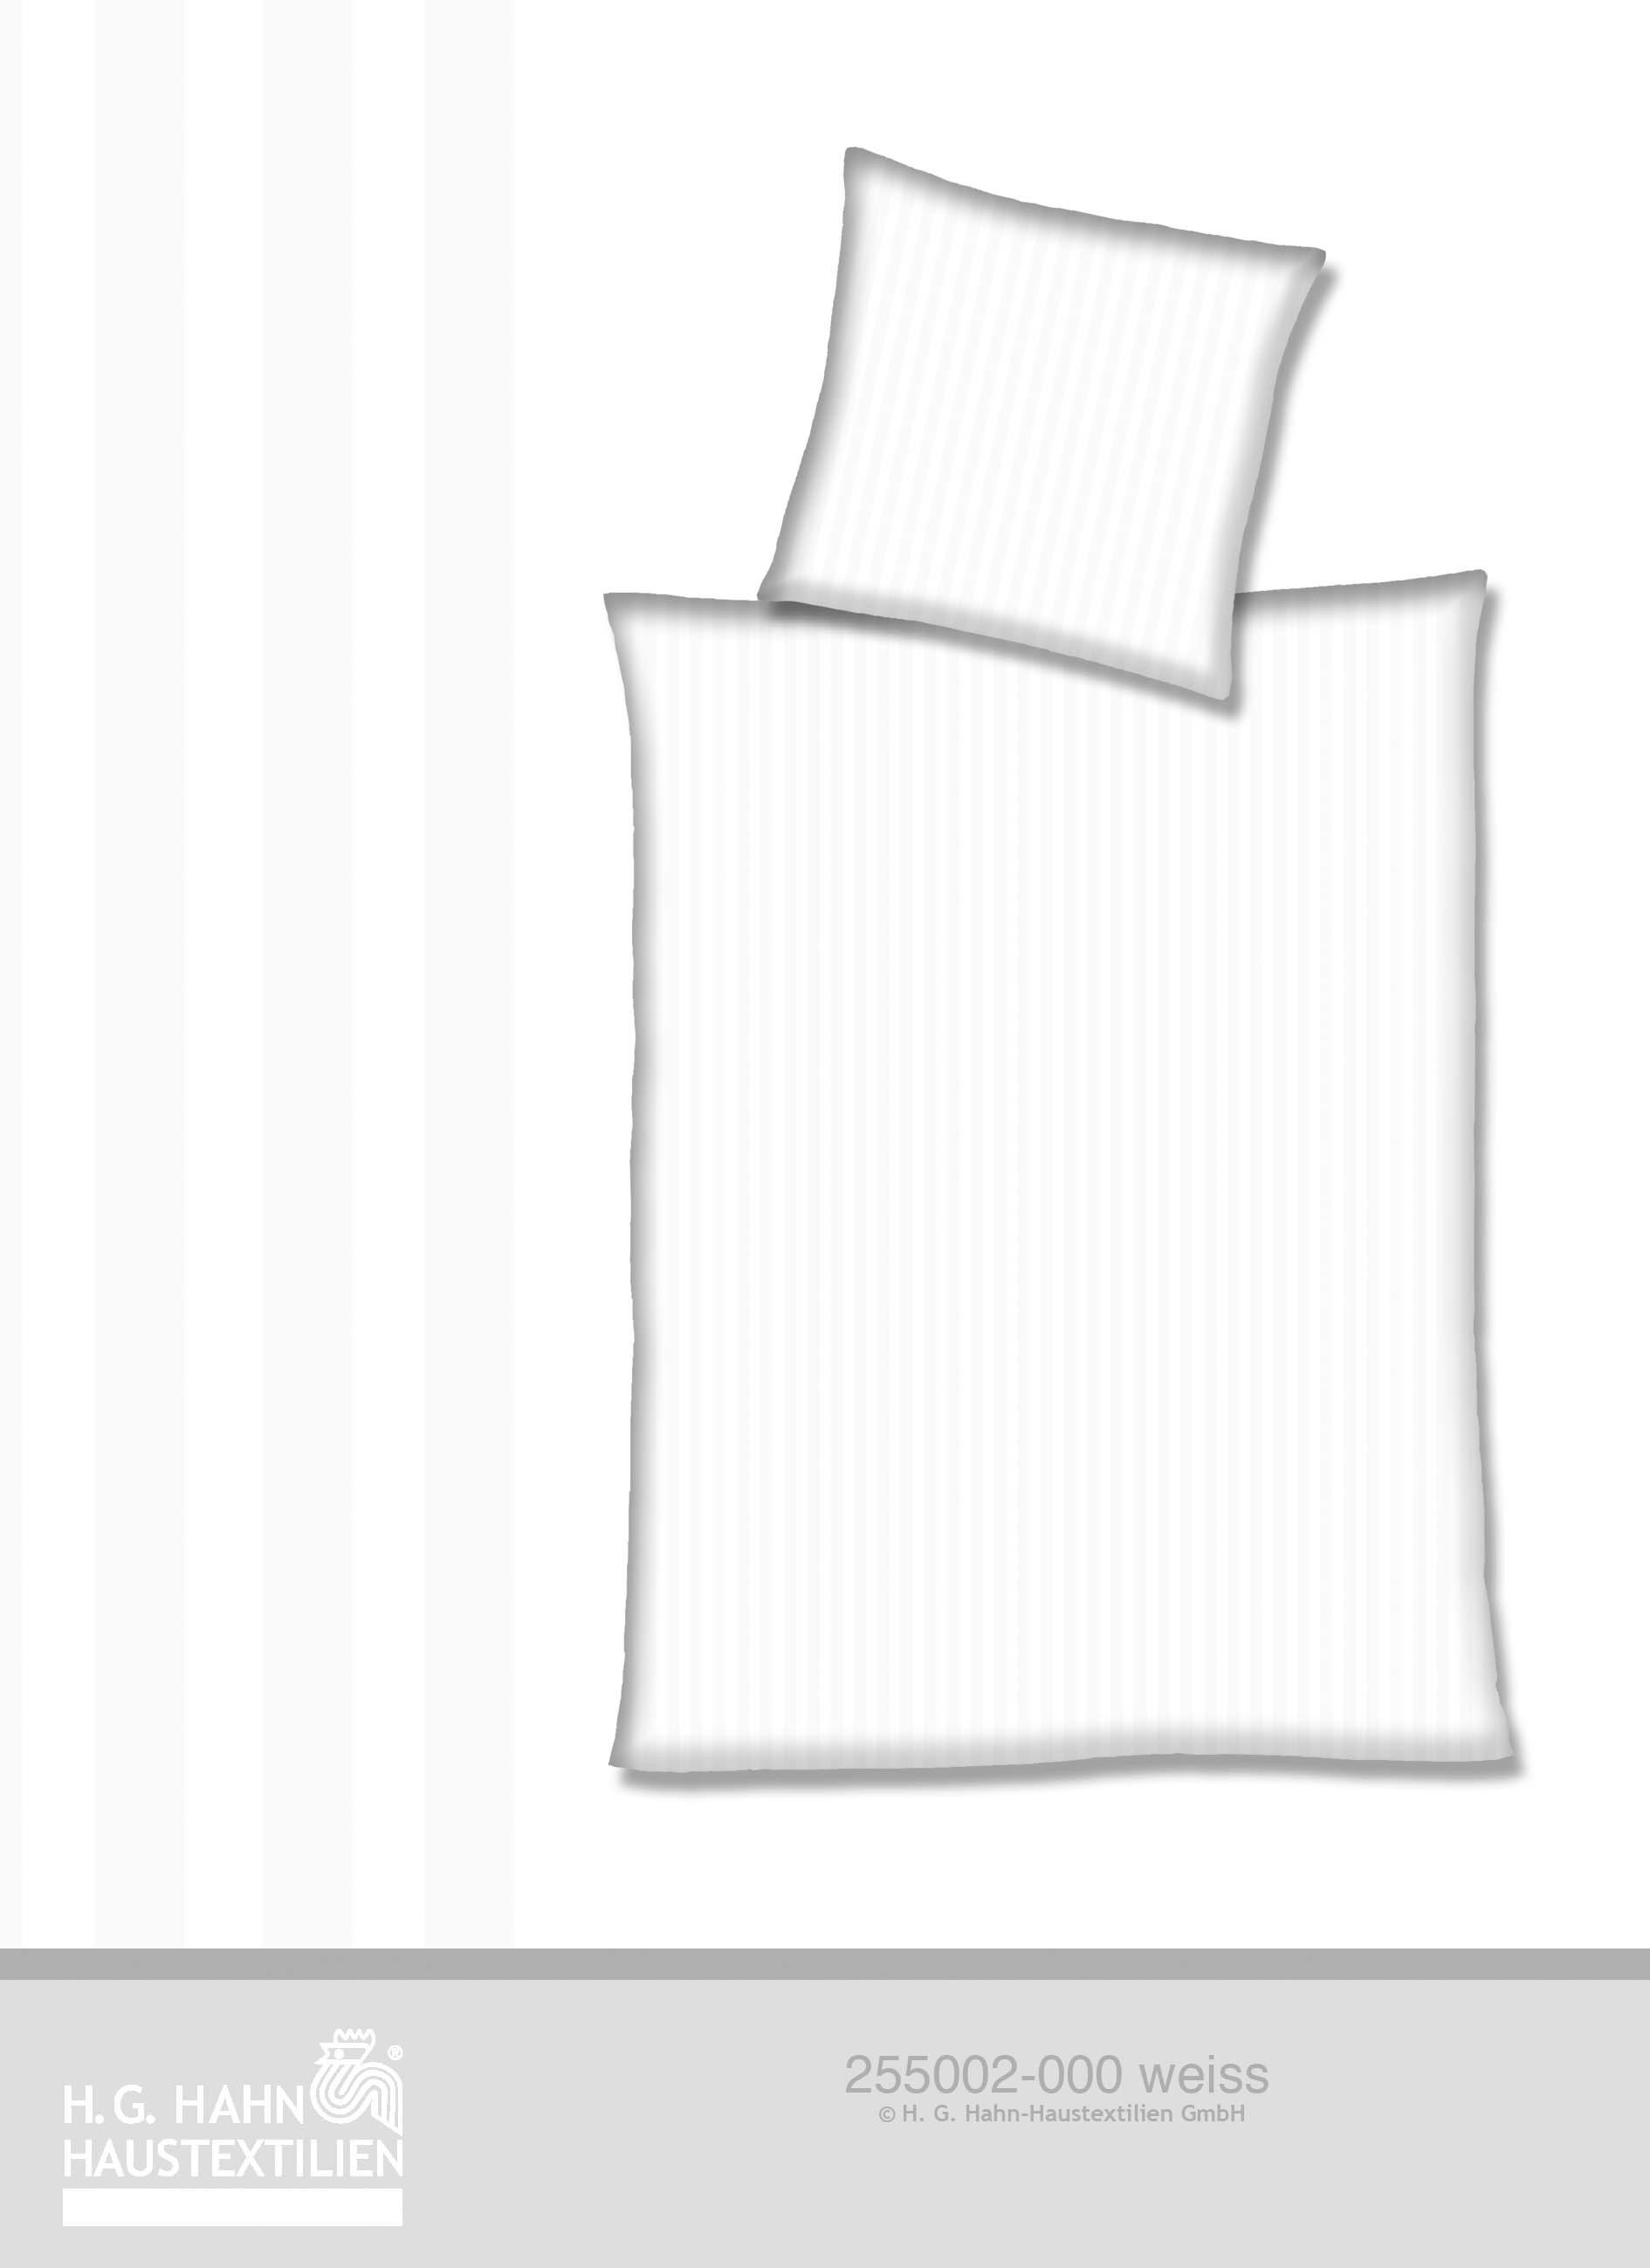 Bettwäsche Grau Muster Möbelideen Luxus Bettwasche Kylie Minogue